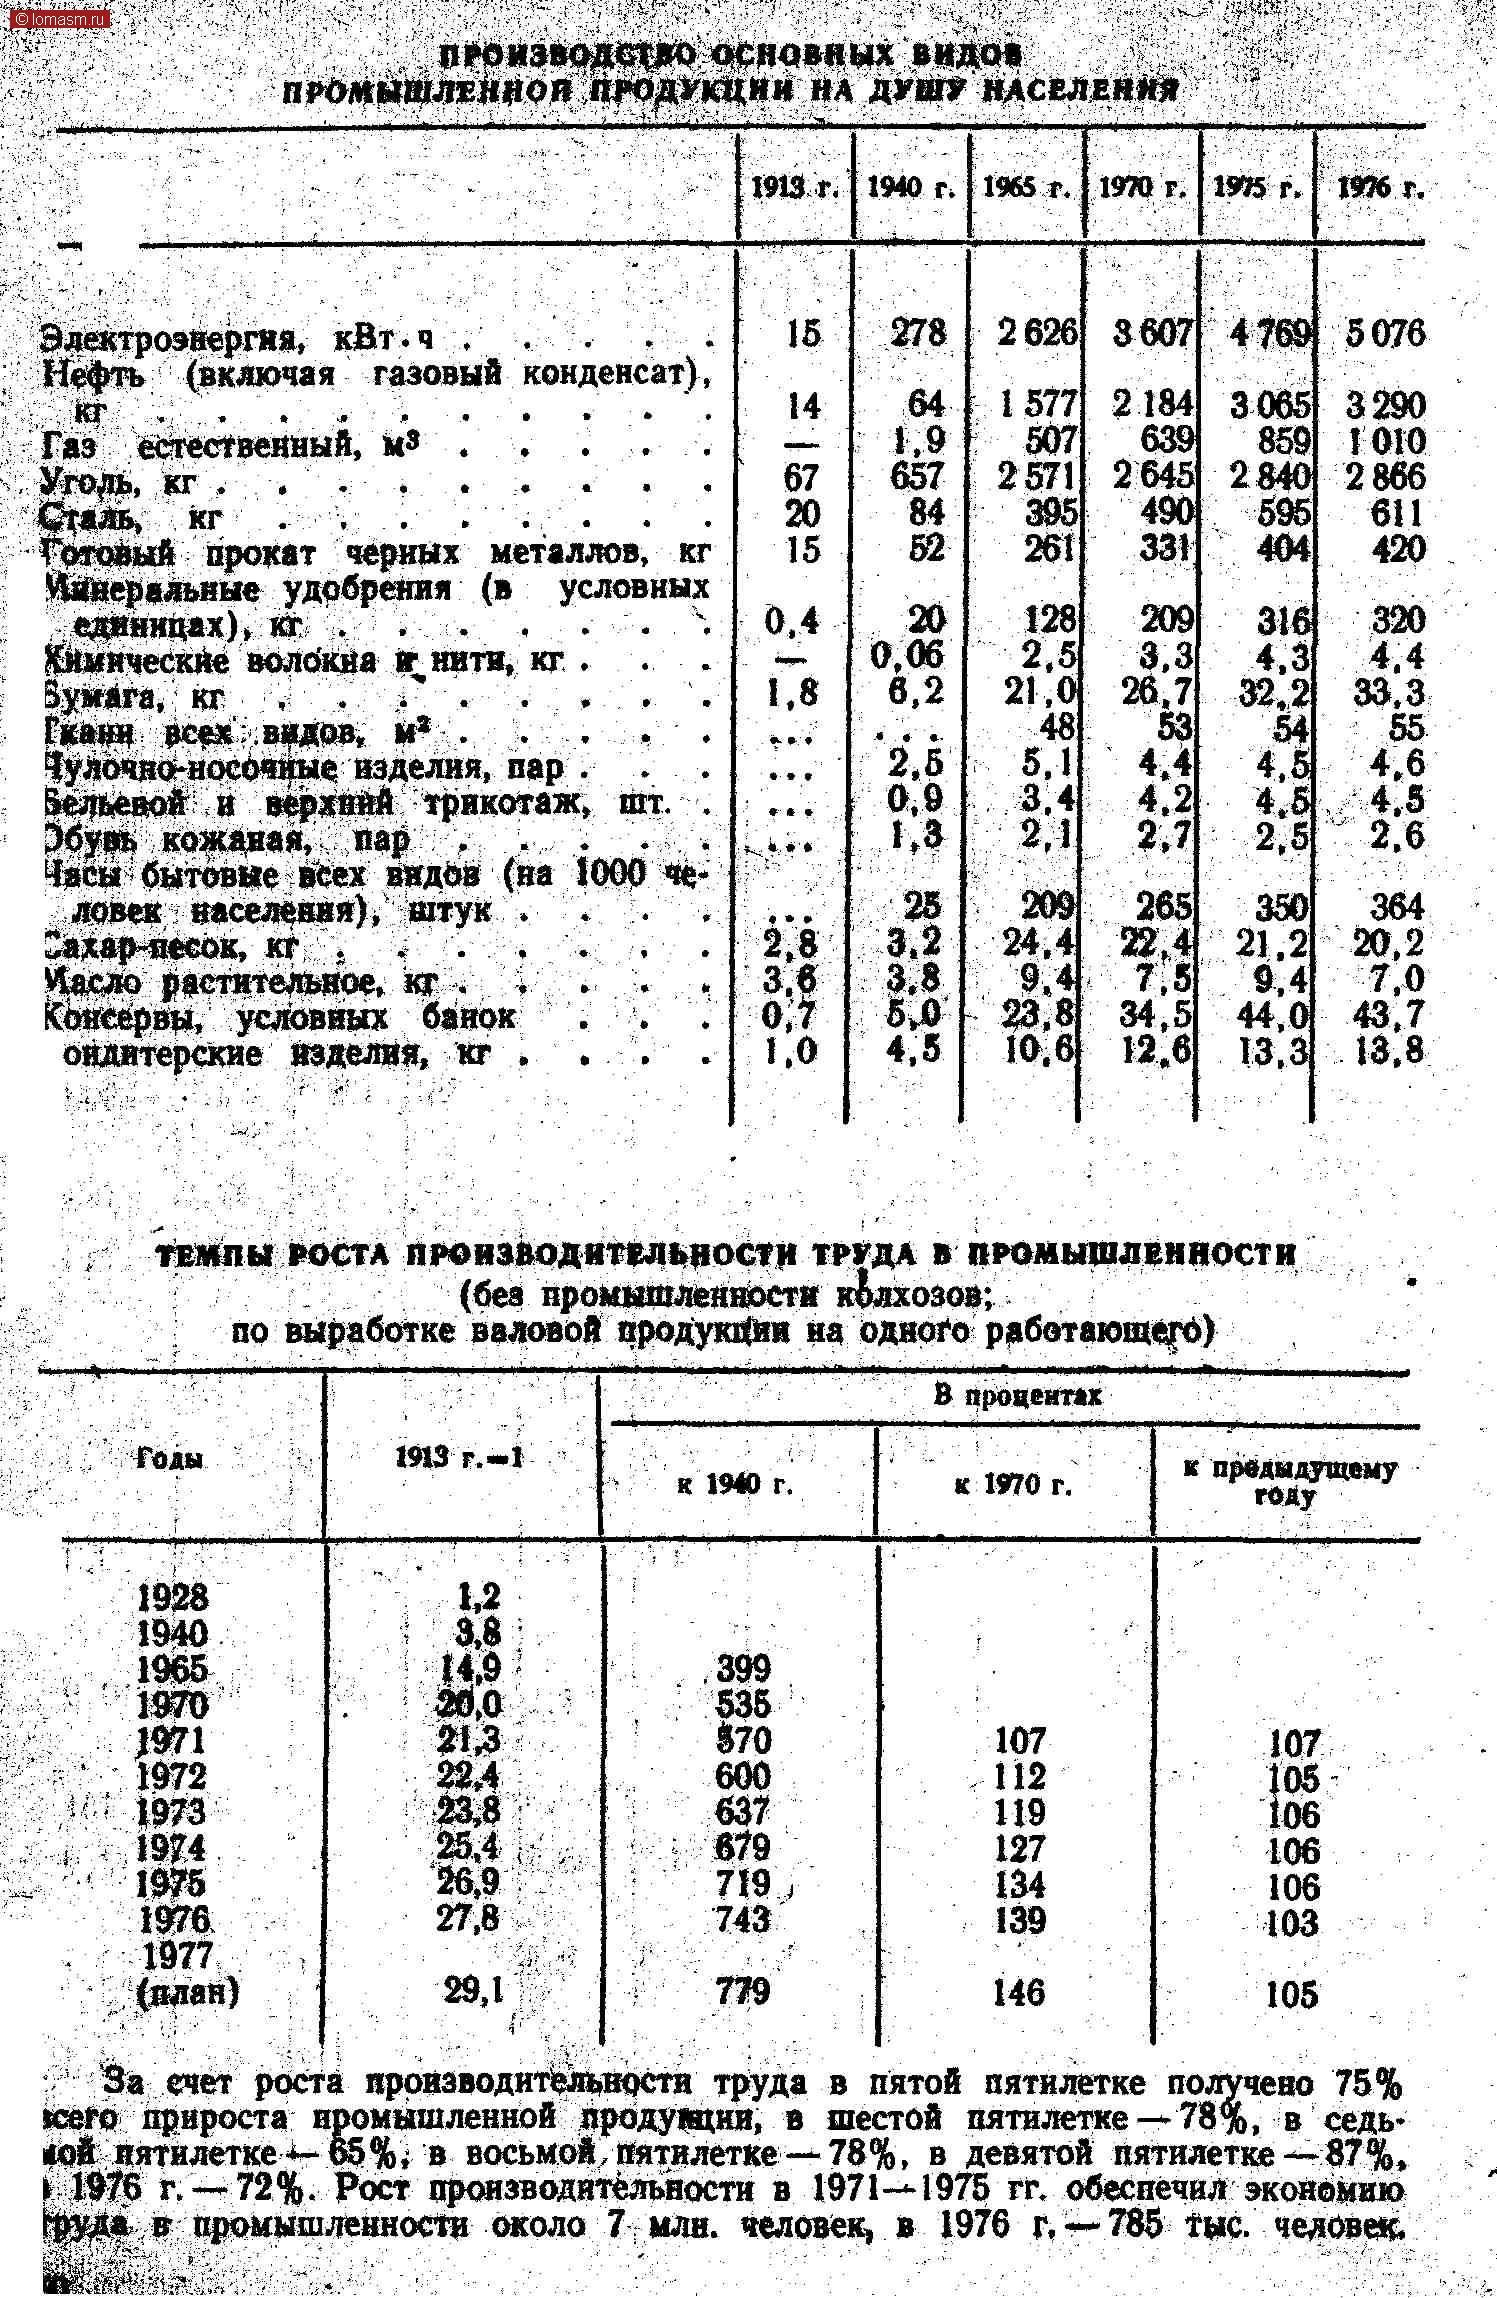 """пРОизвОДСТВО ОСНОВНЫХ вНДОв ПРОМЫШЛЕЯЛОЙ ПРОДУКЦИИ НА ДУШУ НАСЕЛЕНИЯ 1913 г. 1940 г. 1965 г. 1970г. 19К г. 1976 г. *     •     •     •     • Электроэнергия,  кВт-ч Нефть   (включая   газовый конденсат), кг м* гнаг Газ   естественный, ЗК--- : : : . единицах), кг..... Омические волбкна и- нитн, кг . Зумага, кг     ...'..     . Гквнн   верх .видов,  м* .    .     . Чулочно-носочные изделия, пар . Зельевой  и  верхний  трикотаж, Эбувь кожаная,   пар    .    .    . Часы бытовые всех видов (на 1000 человек населения), штук . """"а*ар-яесок, кг   ...    . оидятерские изделия, кг . шт. •            ¦           •           •            . 15 14 67 20 15 °-4 1.8 •   • » • • • 1 278 64 IS 84 52 20 •й '2,6 0,9 1,3 25 3.2 8 2626 1577 507 2571 395 261 й И Я 10.6 3607 2 184 2б1о 490 331 209 ч 4.4 й 265 22.4 й 4769   5076 3065 404 316 4.3 Ё 350 21.2 ё 3290 1010 2 866 611 420 320 4,4 •V 364 20.2 ё ТЕМПЫ РОСТА ПРОИЗВОДИТЕЛЬНОСТИ ТРУДА В ПРОМЫШЛЕННОСТИ (без промышленности колхозов; по выработке валовой продукции на одного работающего) 1913 г.-ІВ процентах Годык 1940 г.к 1970 г.к предыдущему гвйу 1928 1940 1965 1970 1971 1972 1973 1974 1975 1976 1977 (план)'.'а-1 29,1,399 535 #70 600 637 679 719 , 743 779107 112 119 127 134 139 146107 105 106 106 106 103 105 За счет роста производительности труда в пятой пятилетке получено 75% scero прироста промышленной лродуяцки, в шестой пятилетке-78%, в седьмой пятилетке-65%; в восьмой пятилетке-78%, в девятой пятилетке-87%, і 1976 г.-72%. Рост производительности в 1971-1975 гг. обеспечил экономию груда в- промышленности около 7 млн. человек, в 1976 г.— 785 тыс. человек."""